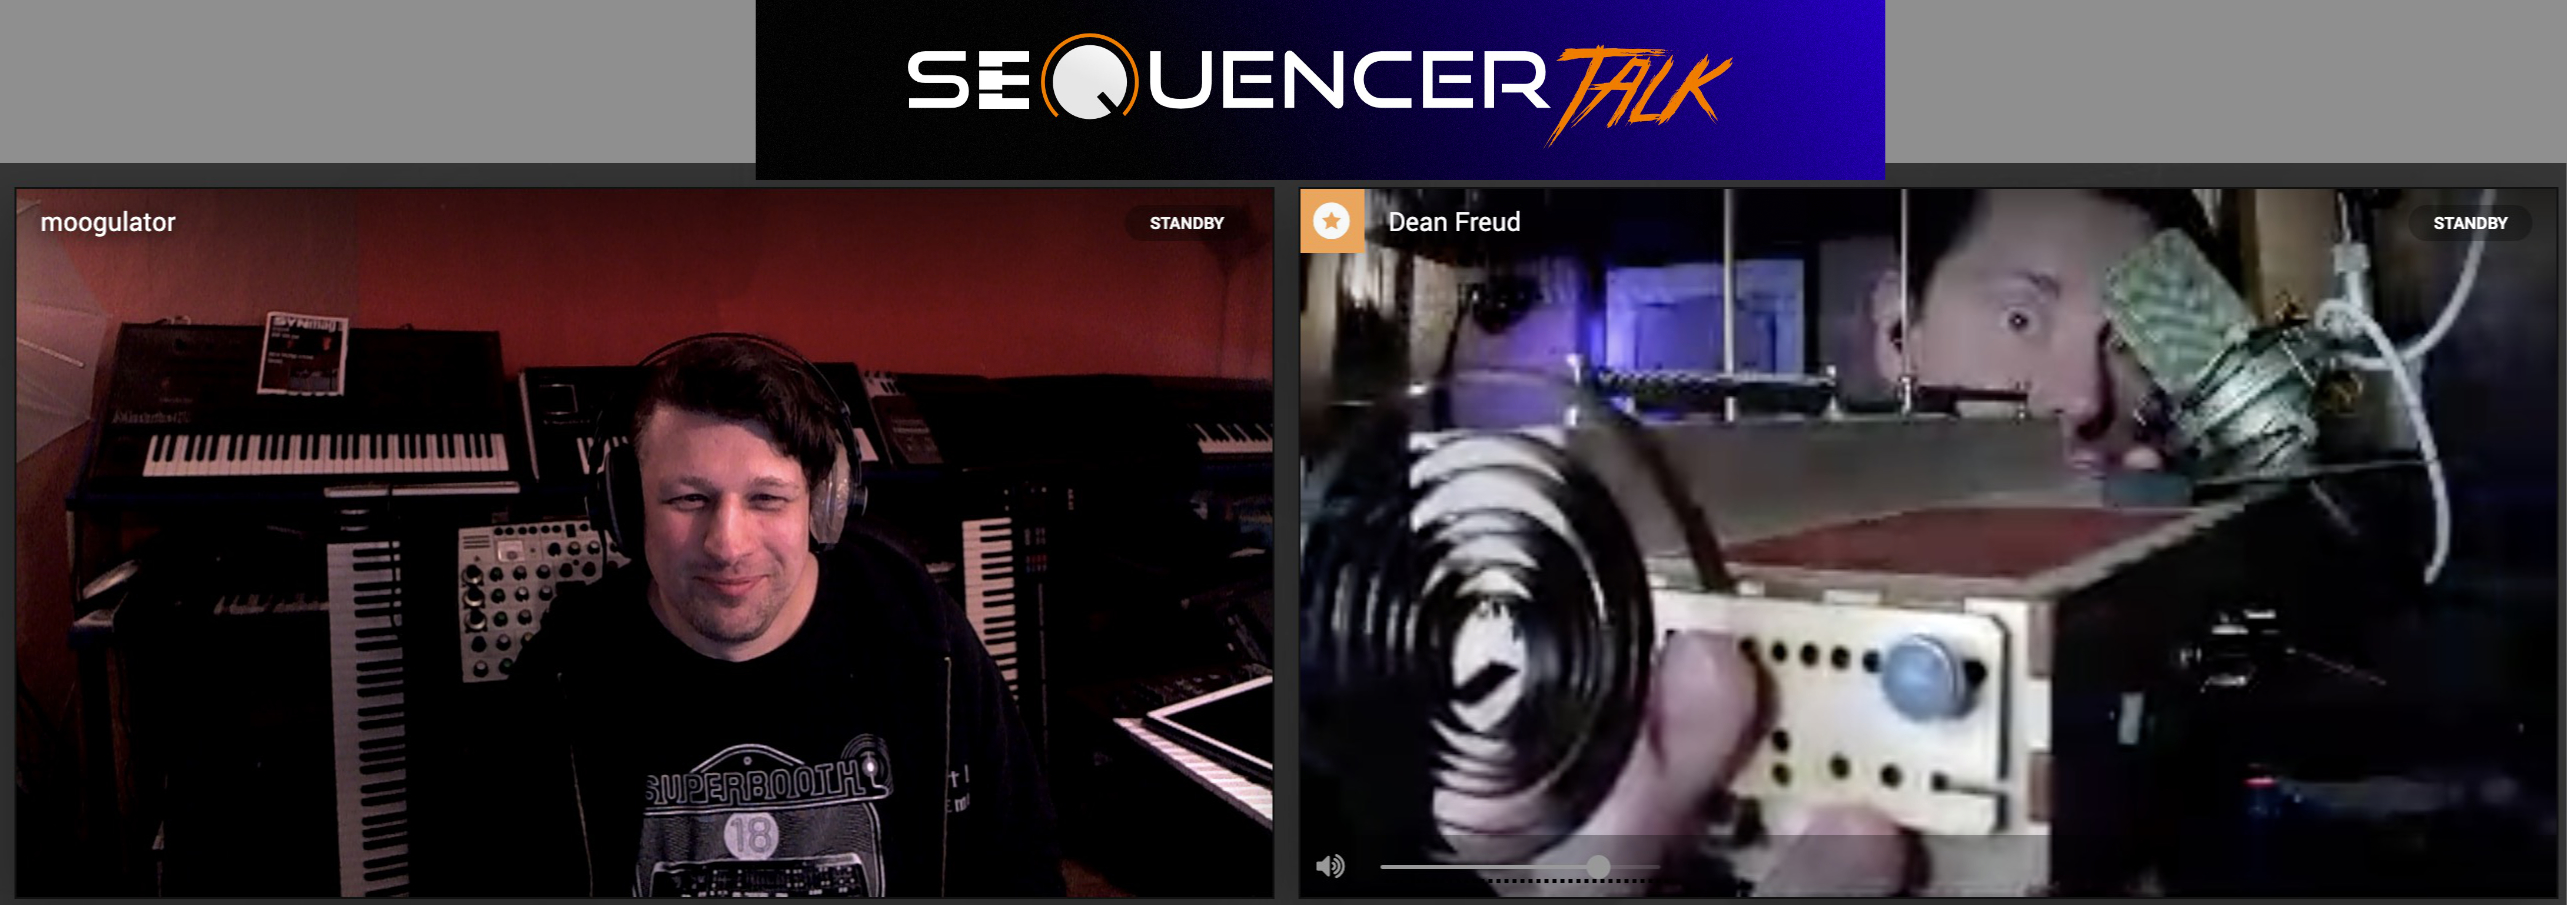 Sequencer Talk 7 Kontaktmicrophon